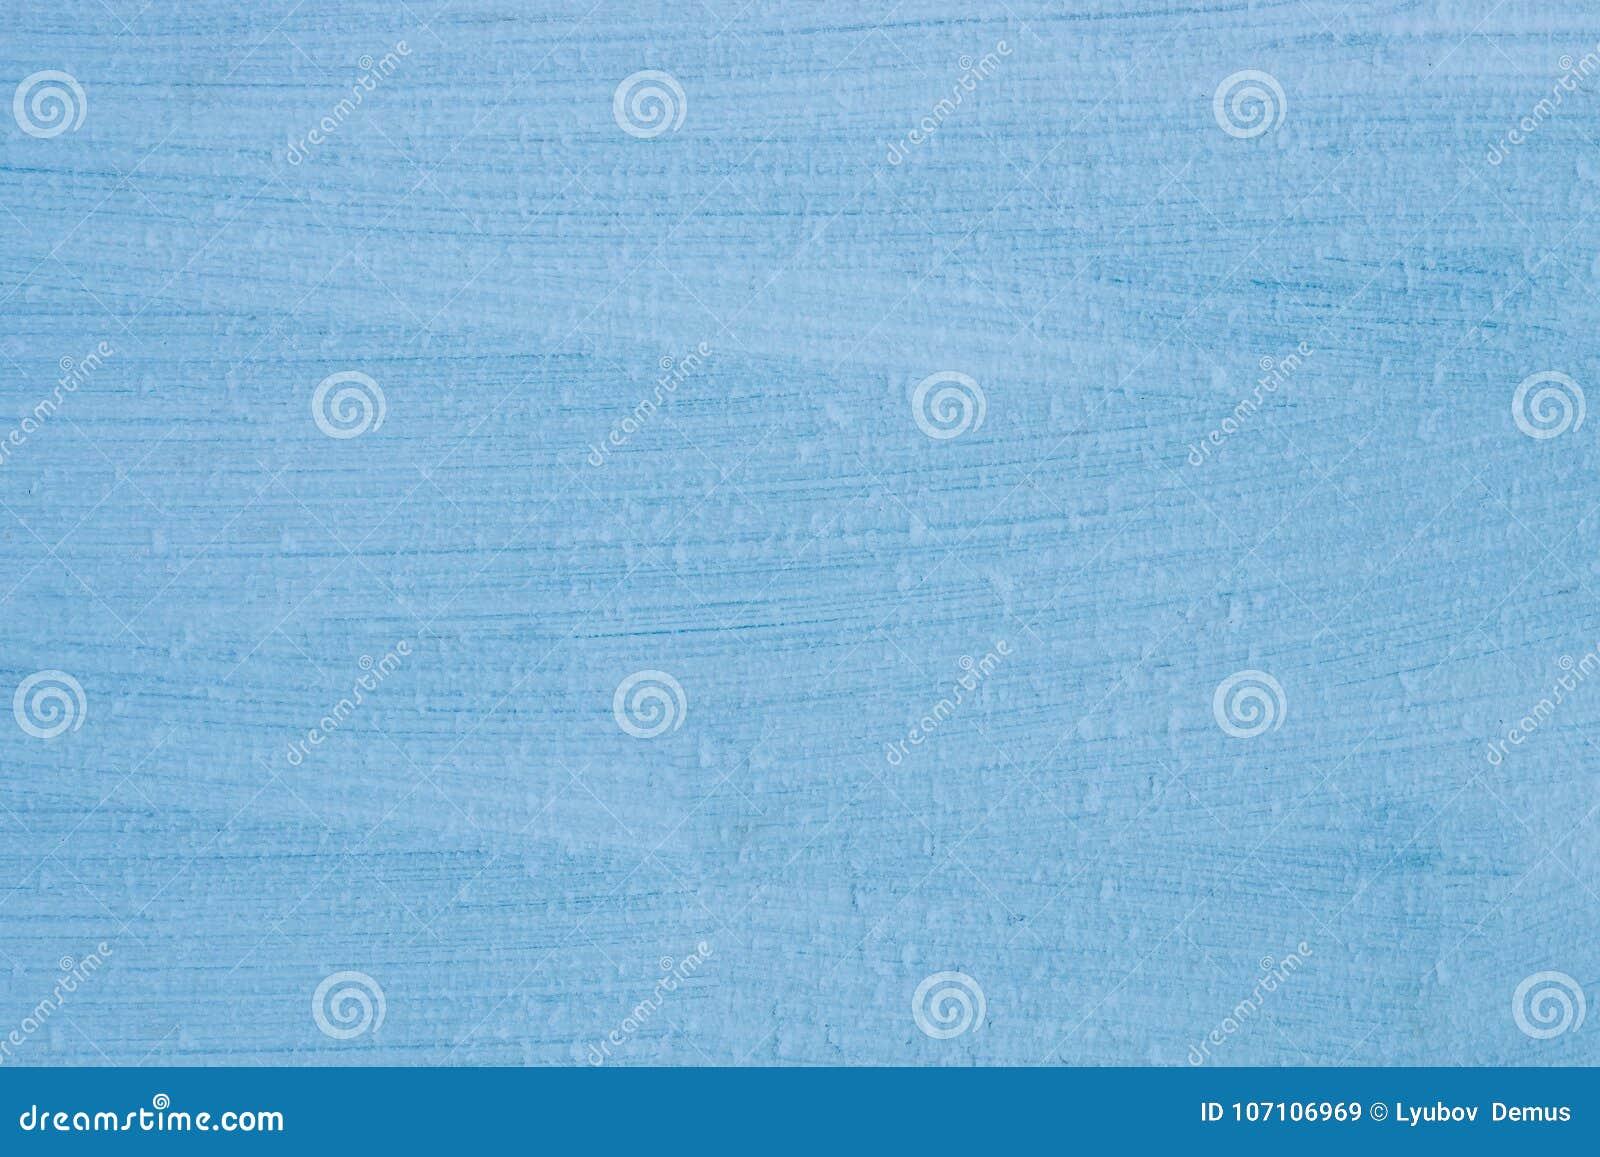 Abstrakter Hintergrund, Metallbeschaffenheit, Streifen, blaue Farbe und bedeckt mit Frost,